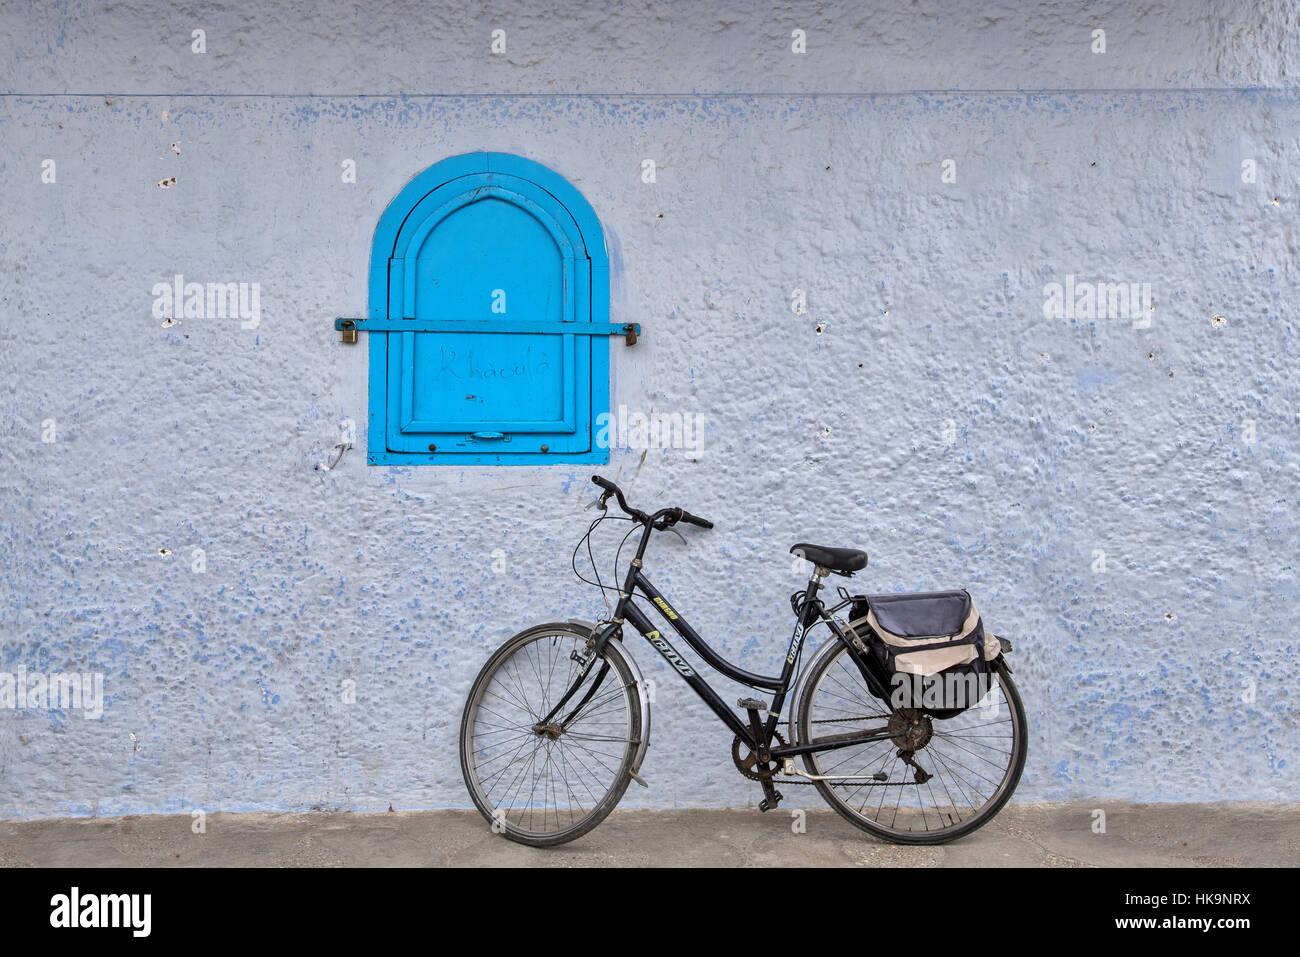 Chefchaouen la ciudad azul en el norte de Marruecos Foto de stock